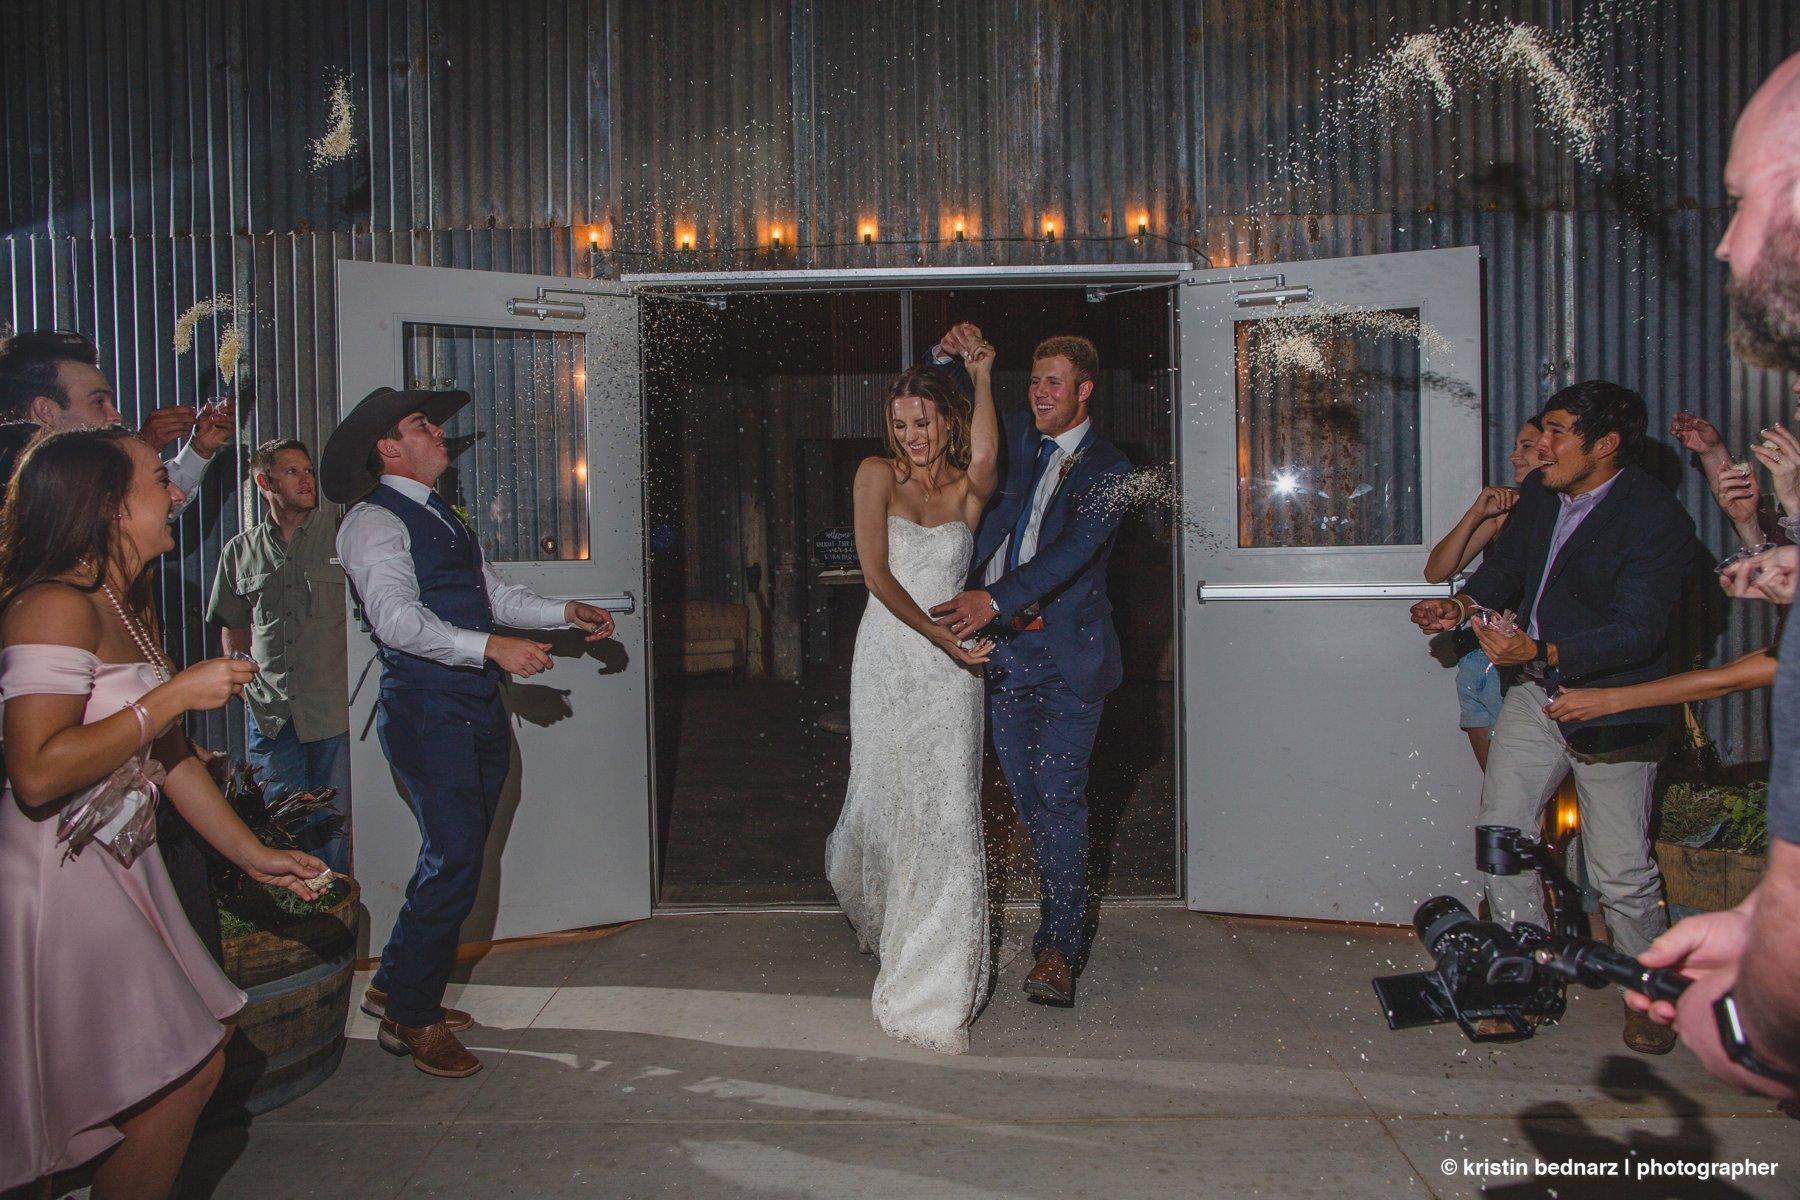 Krisitin_Bednarz_Lubbock_Wedding_Photographer_20180602_0106.JPG